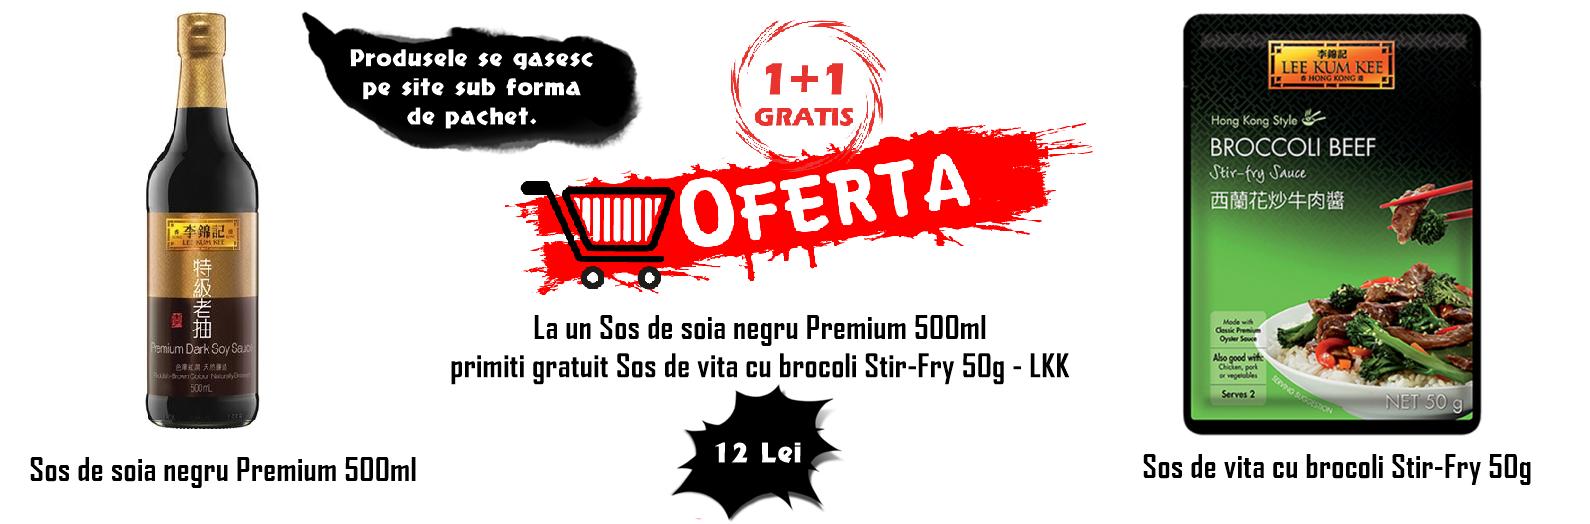 Sos de soia negru Premium 500ml + Sos de vita cu brocoli Stir-Fry 50g - LKK